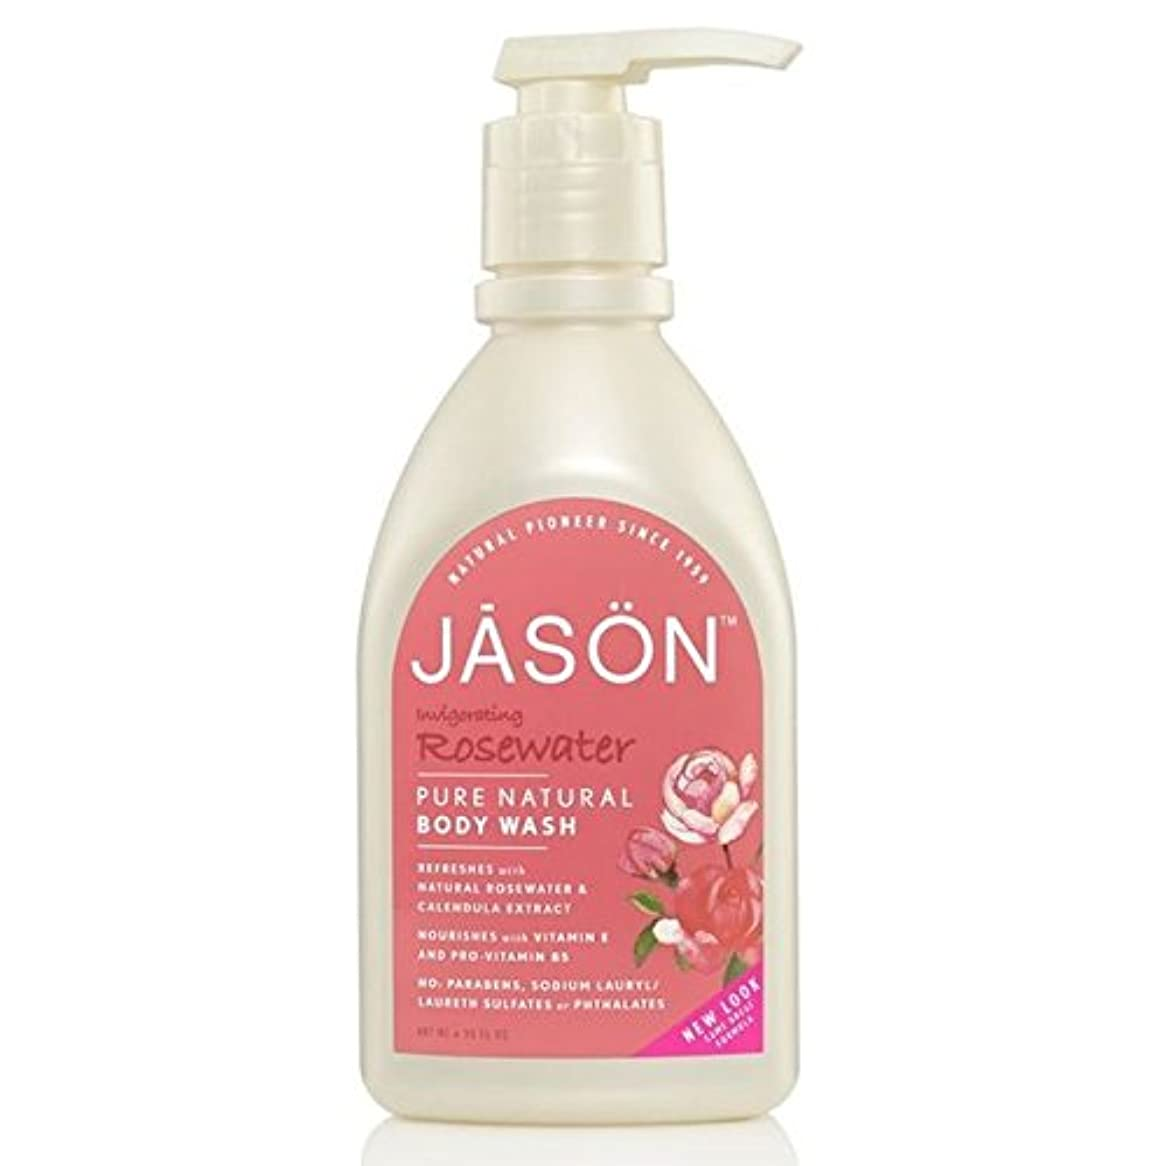 球状着実に前方へJason Body Wash Rosewater Satin Shower 900ml - ジェイソン?ボディウォッシュローズウォーターサテンシャワー900ミリリットル [並行輸入品]